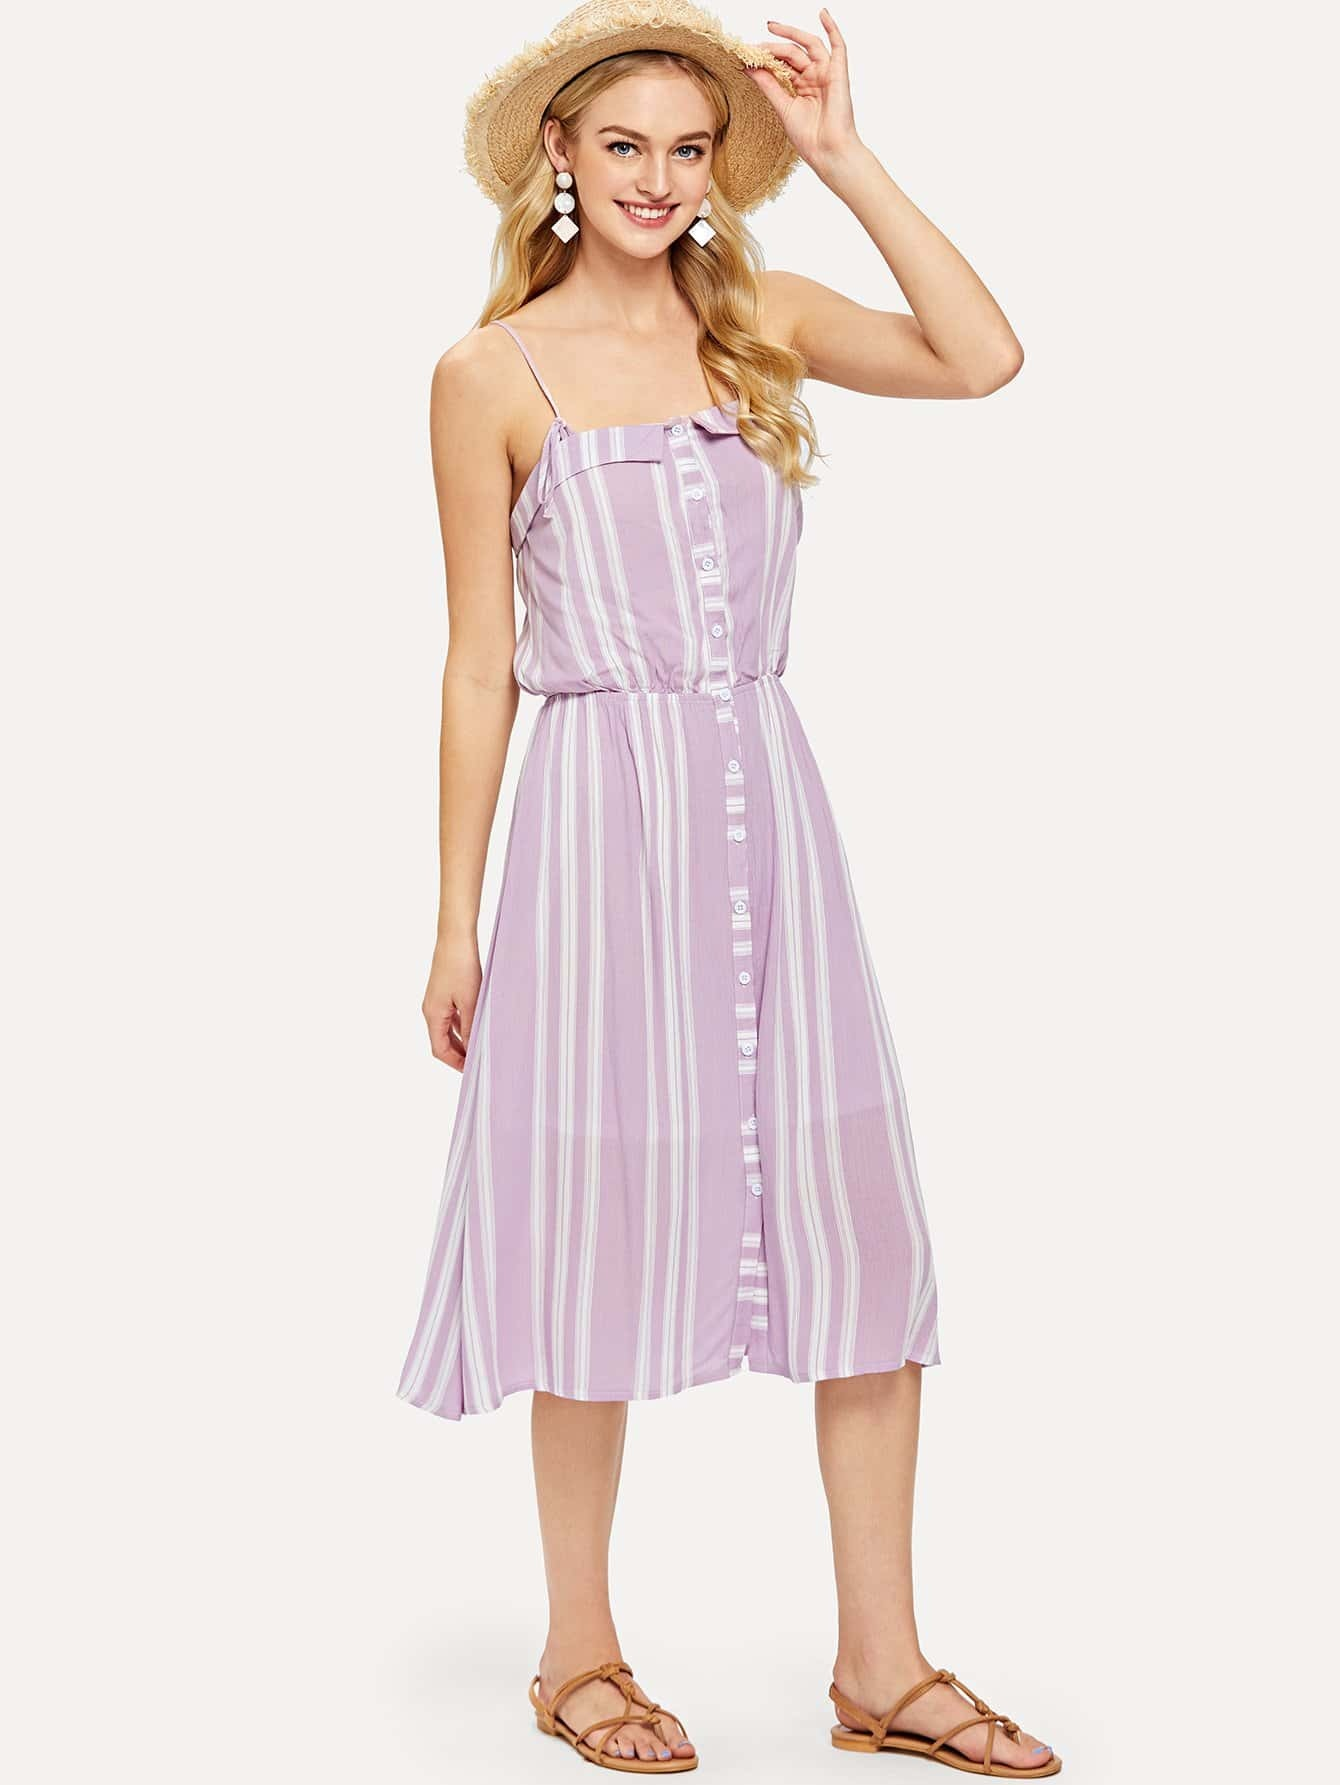 Купить Сложите над кнопкой вверх полосатое платье Cami, Maura, SheIn